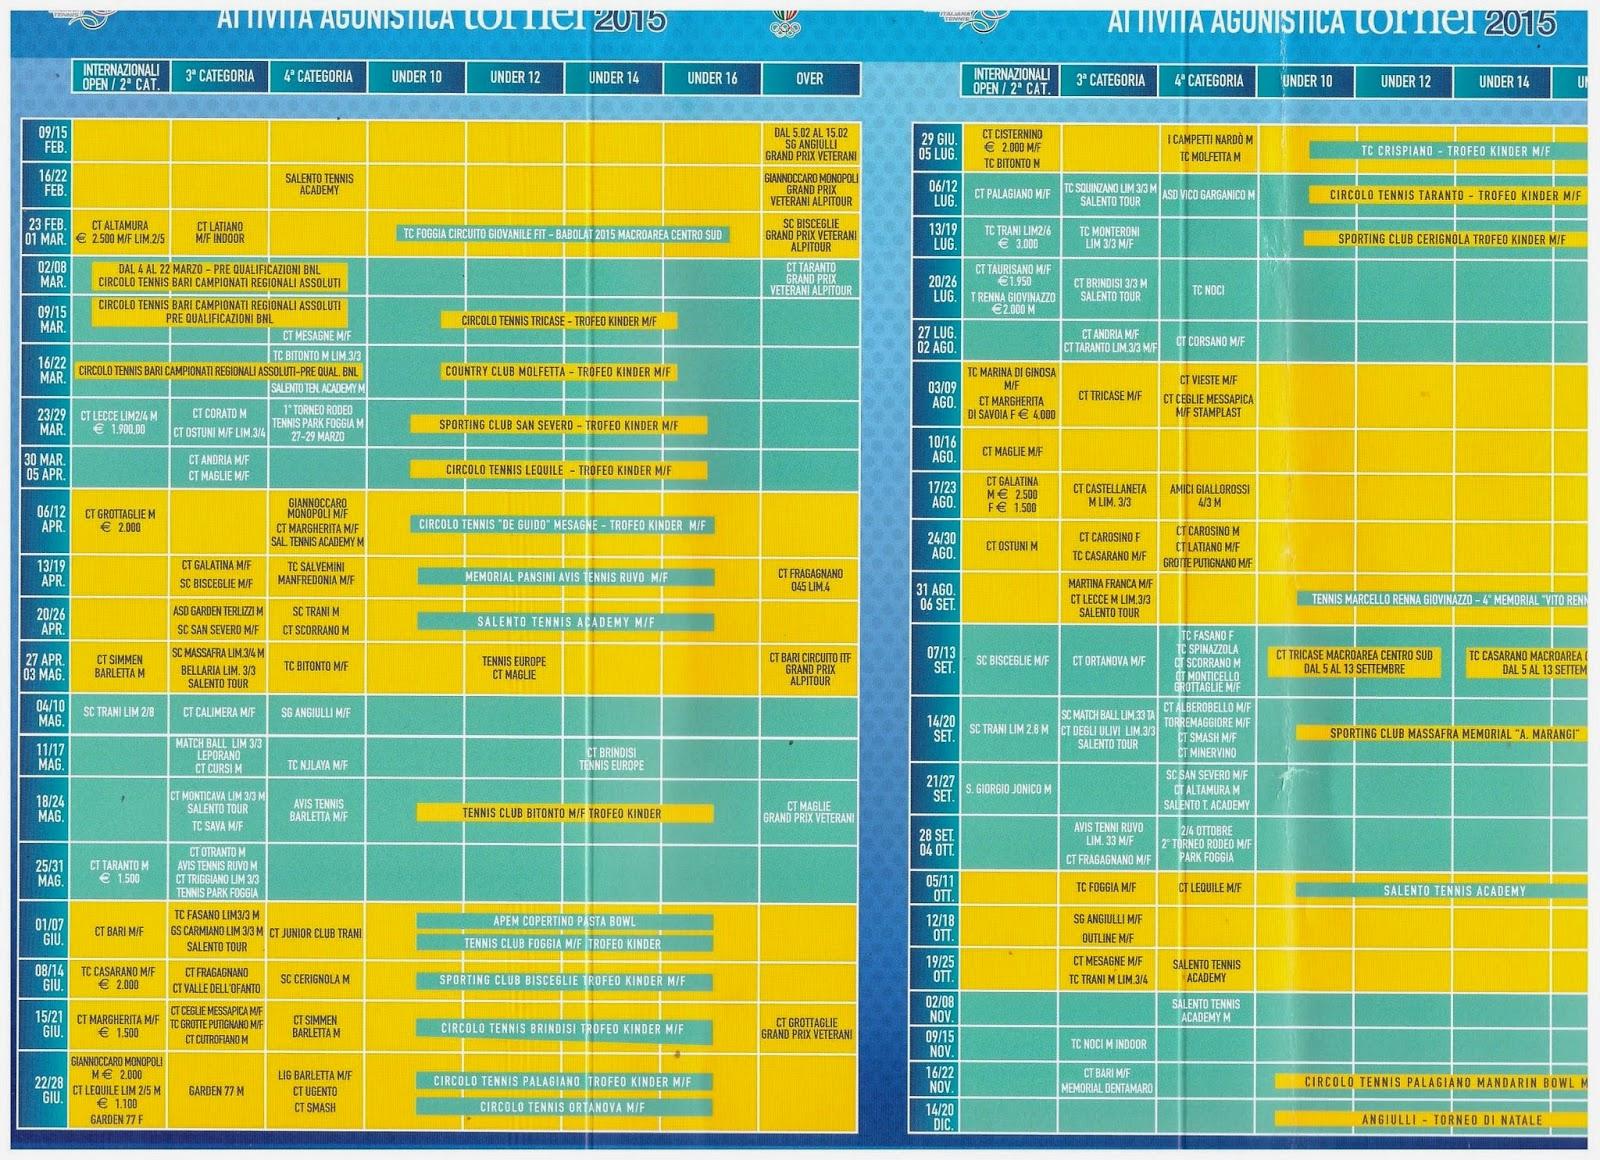 Fit Calendario Tornei.A S D Tennis Club Orta Nova Attivita Agonistica Tornei 2015